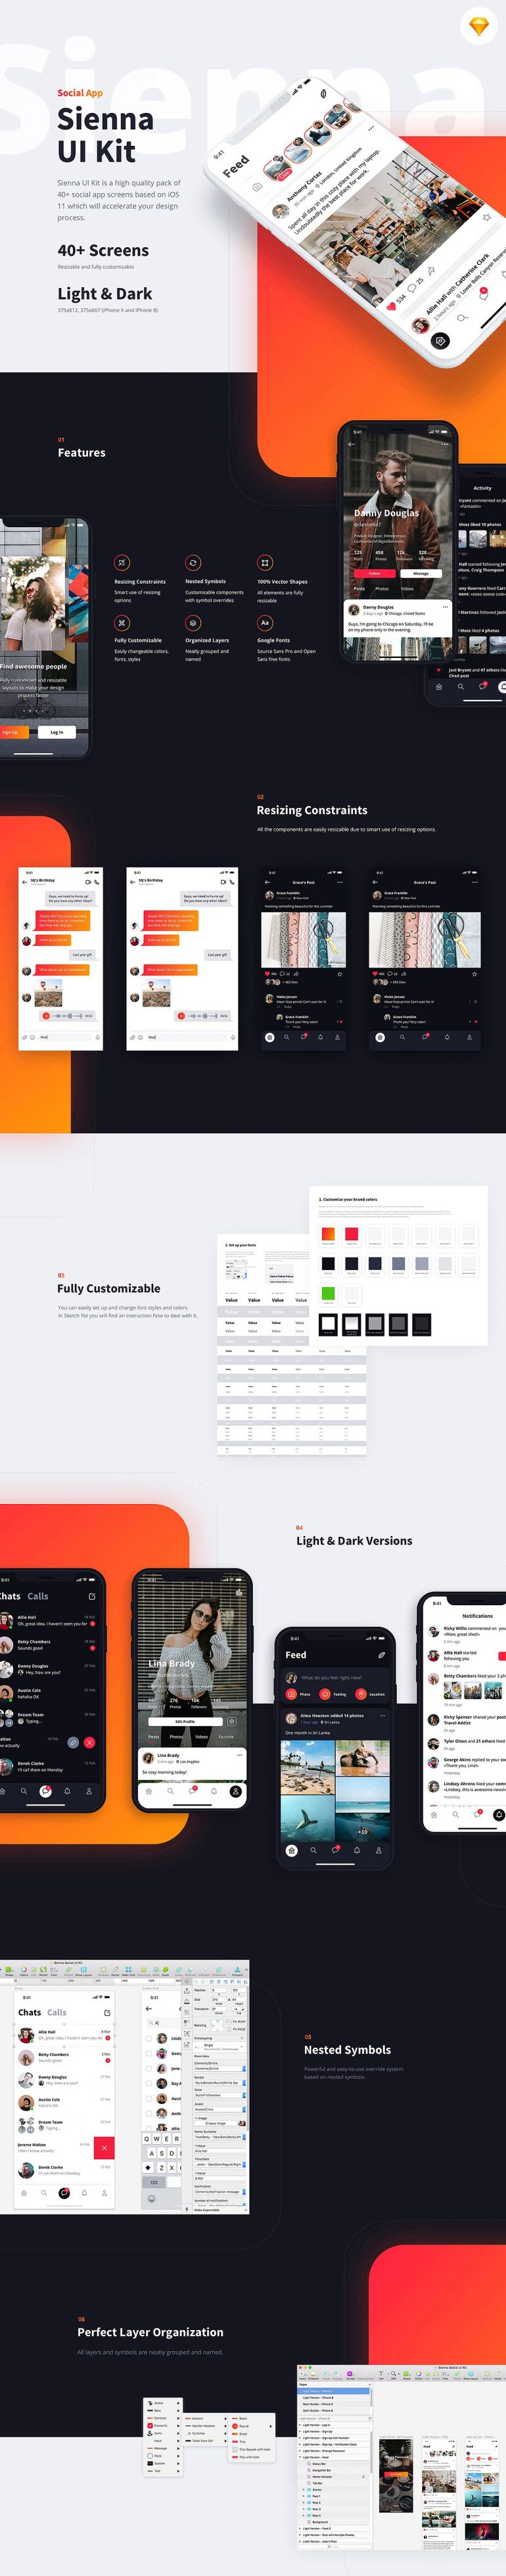 Sienna iOS UI Kit